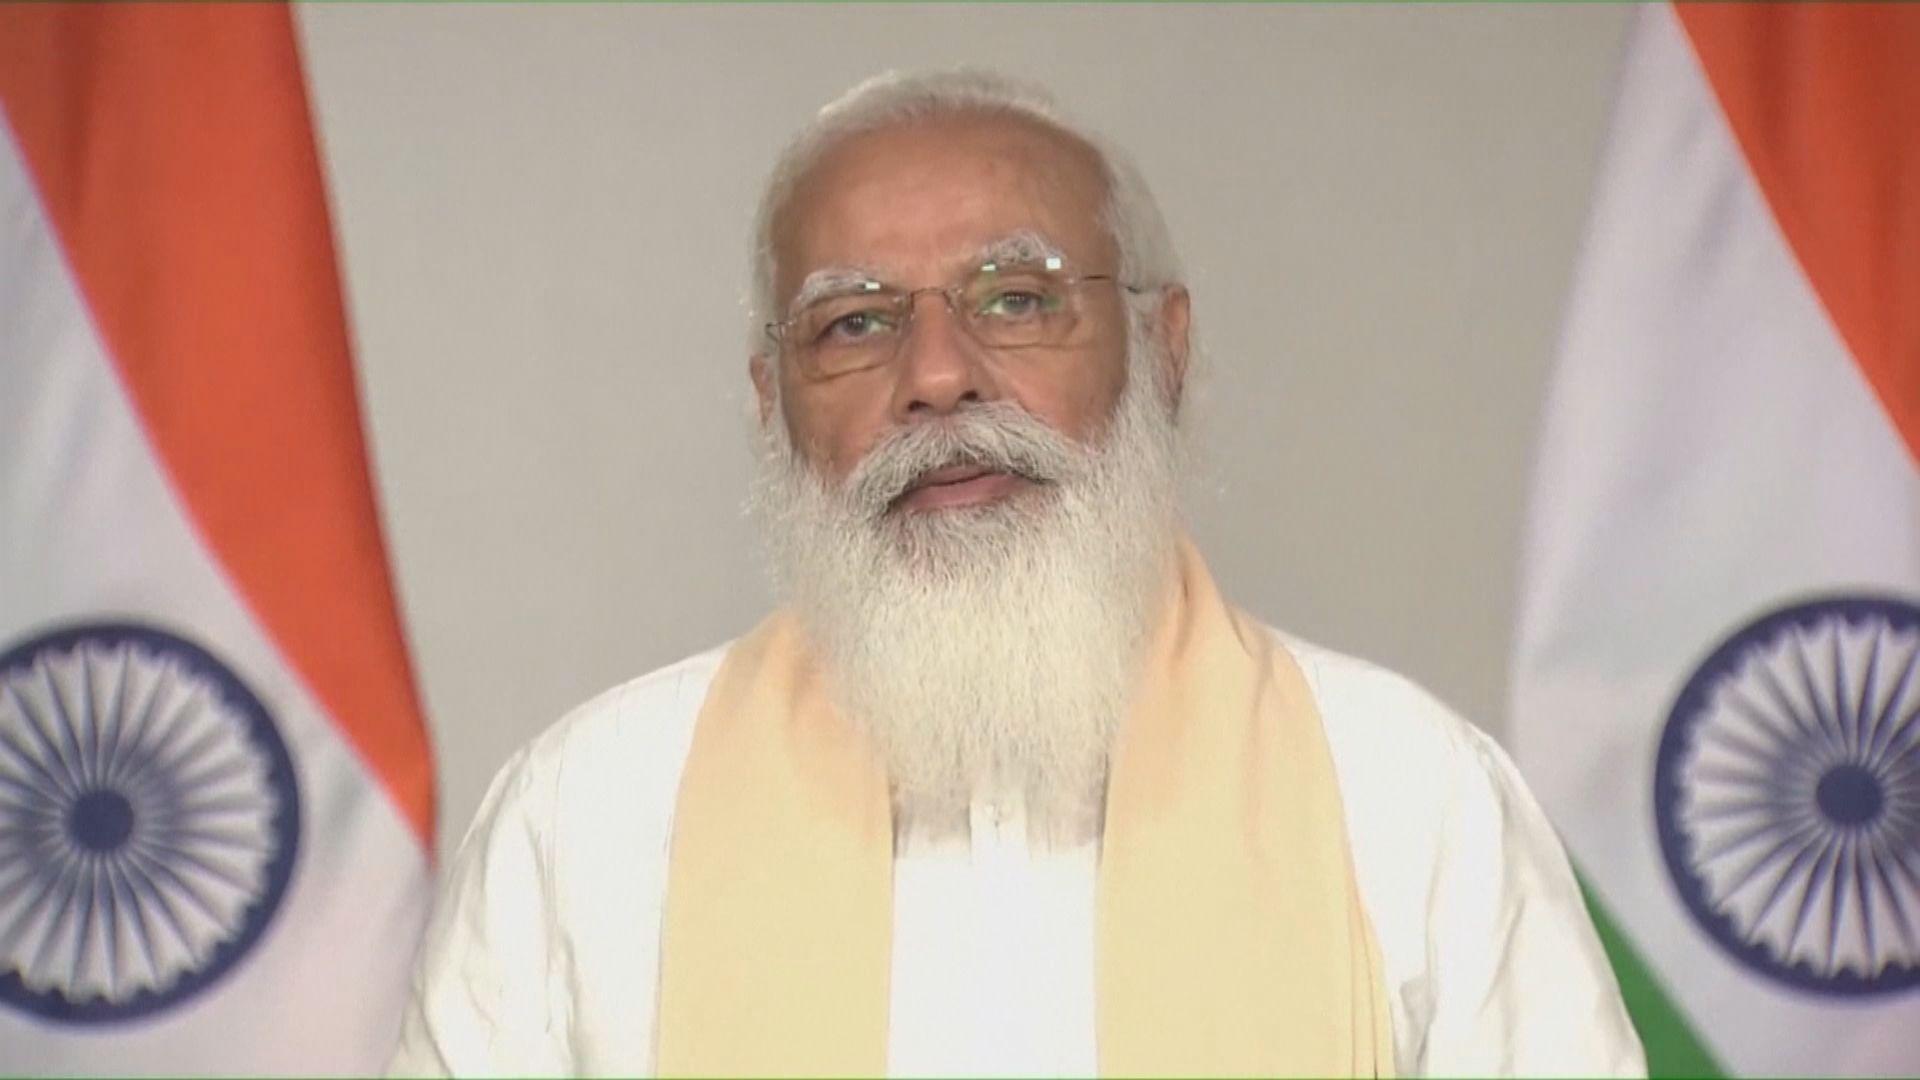 印度疫情嚴峻 總理莫迪稱不會全國封城